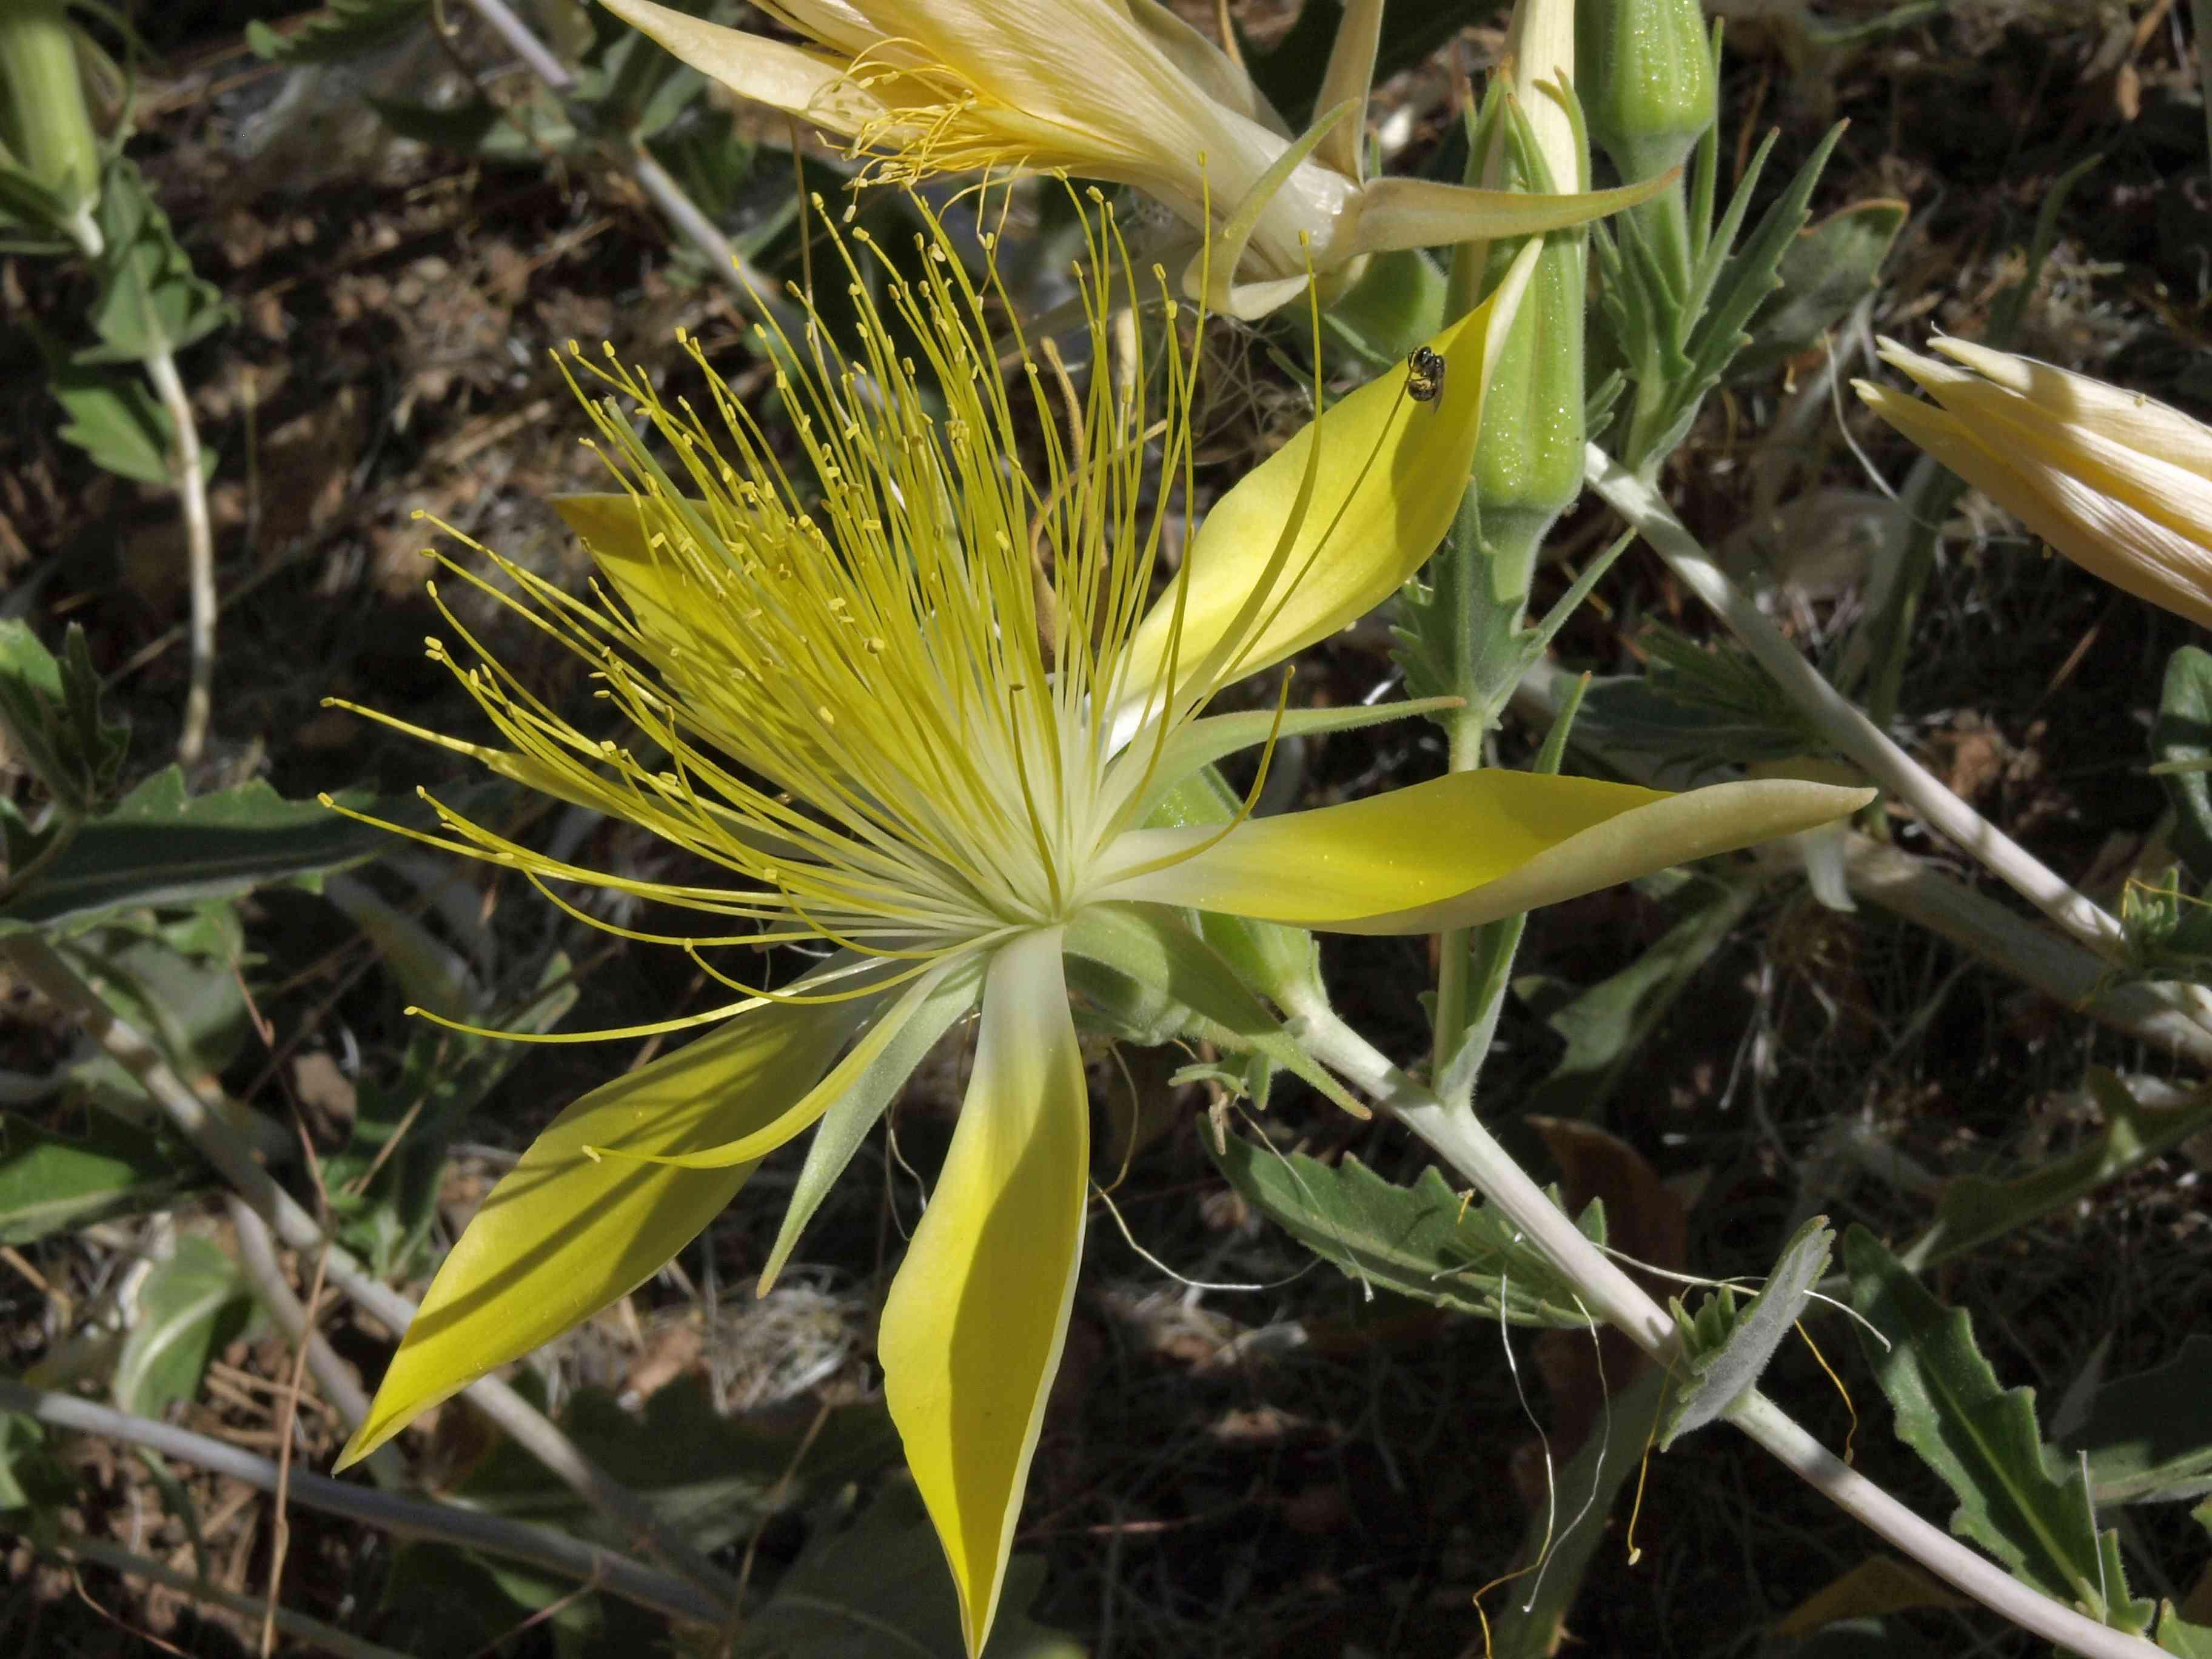 Yellow ten-petal blazing star blooming in the desert